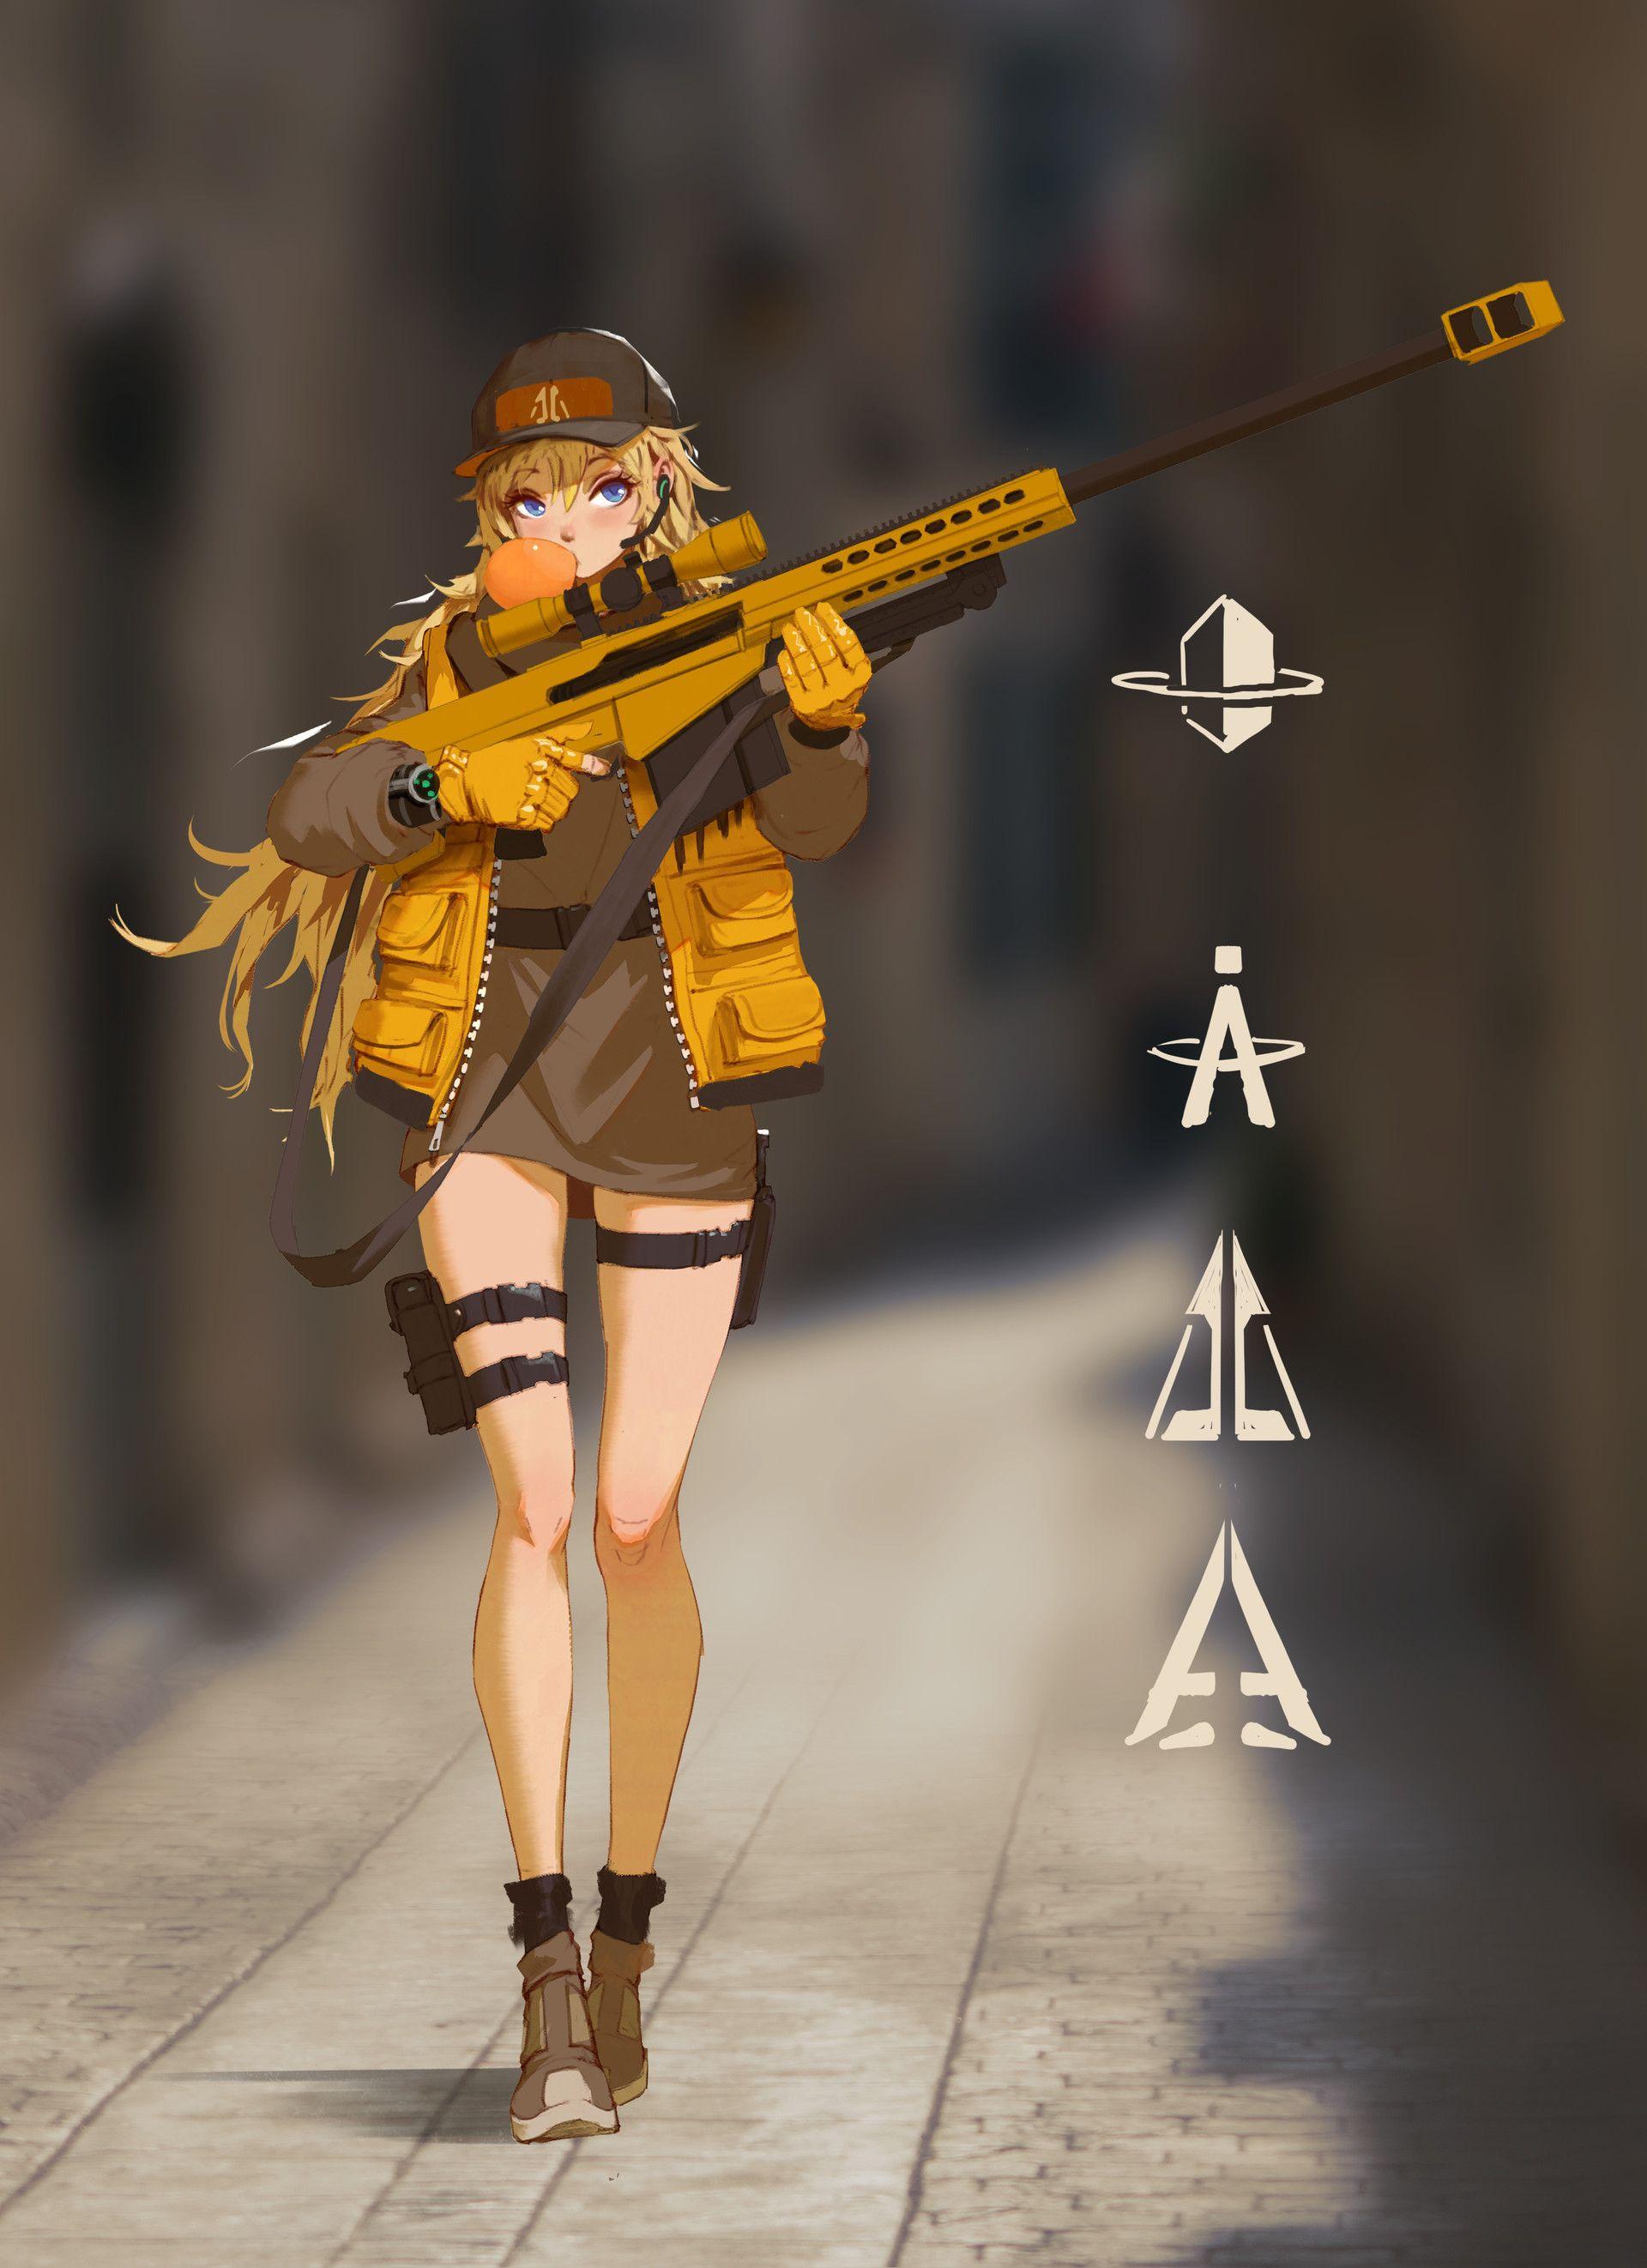 ArtStation - sniper-Elsa, Rui Li | charismatic characters